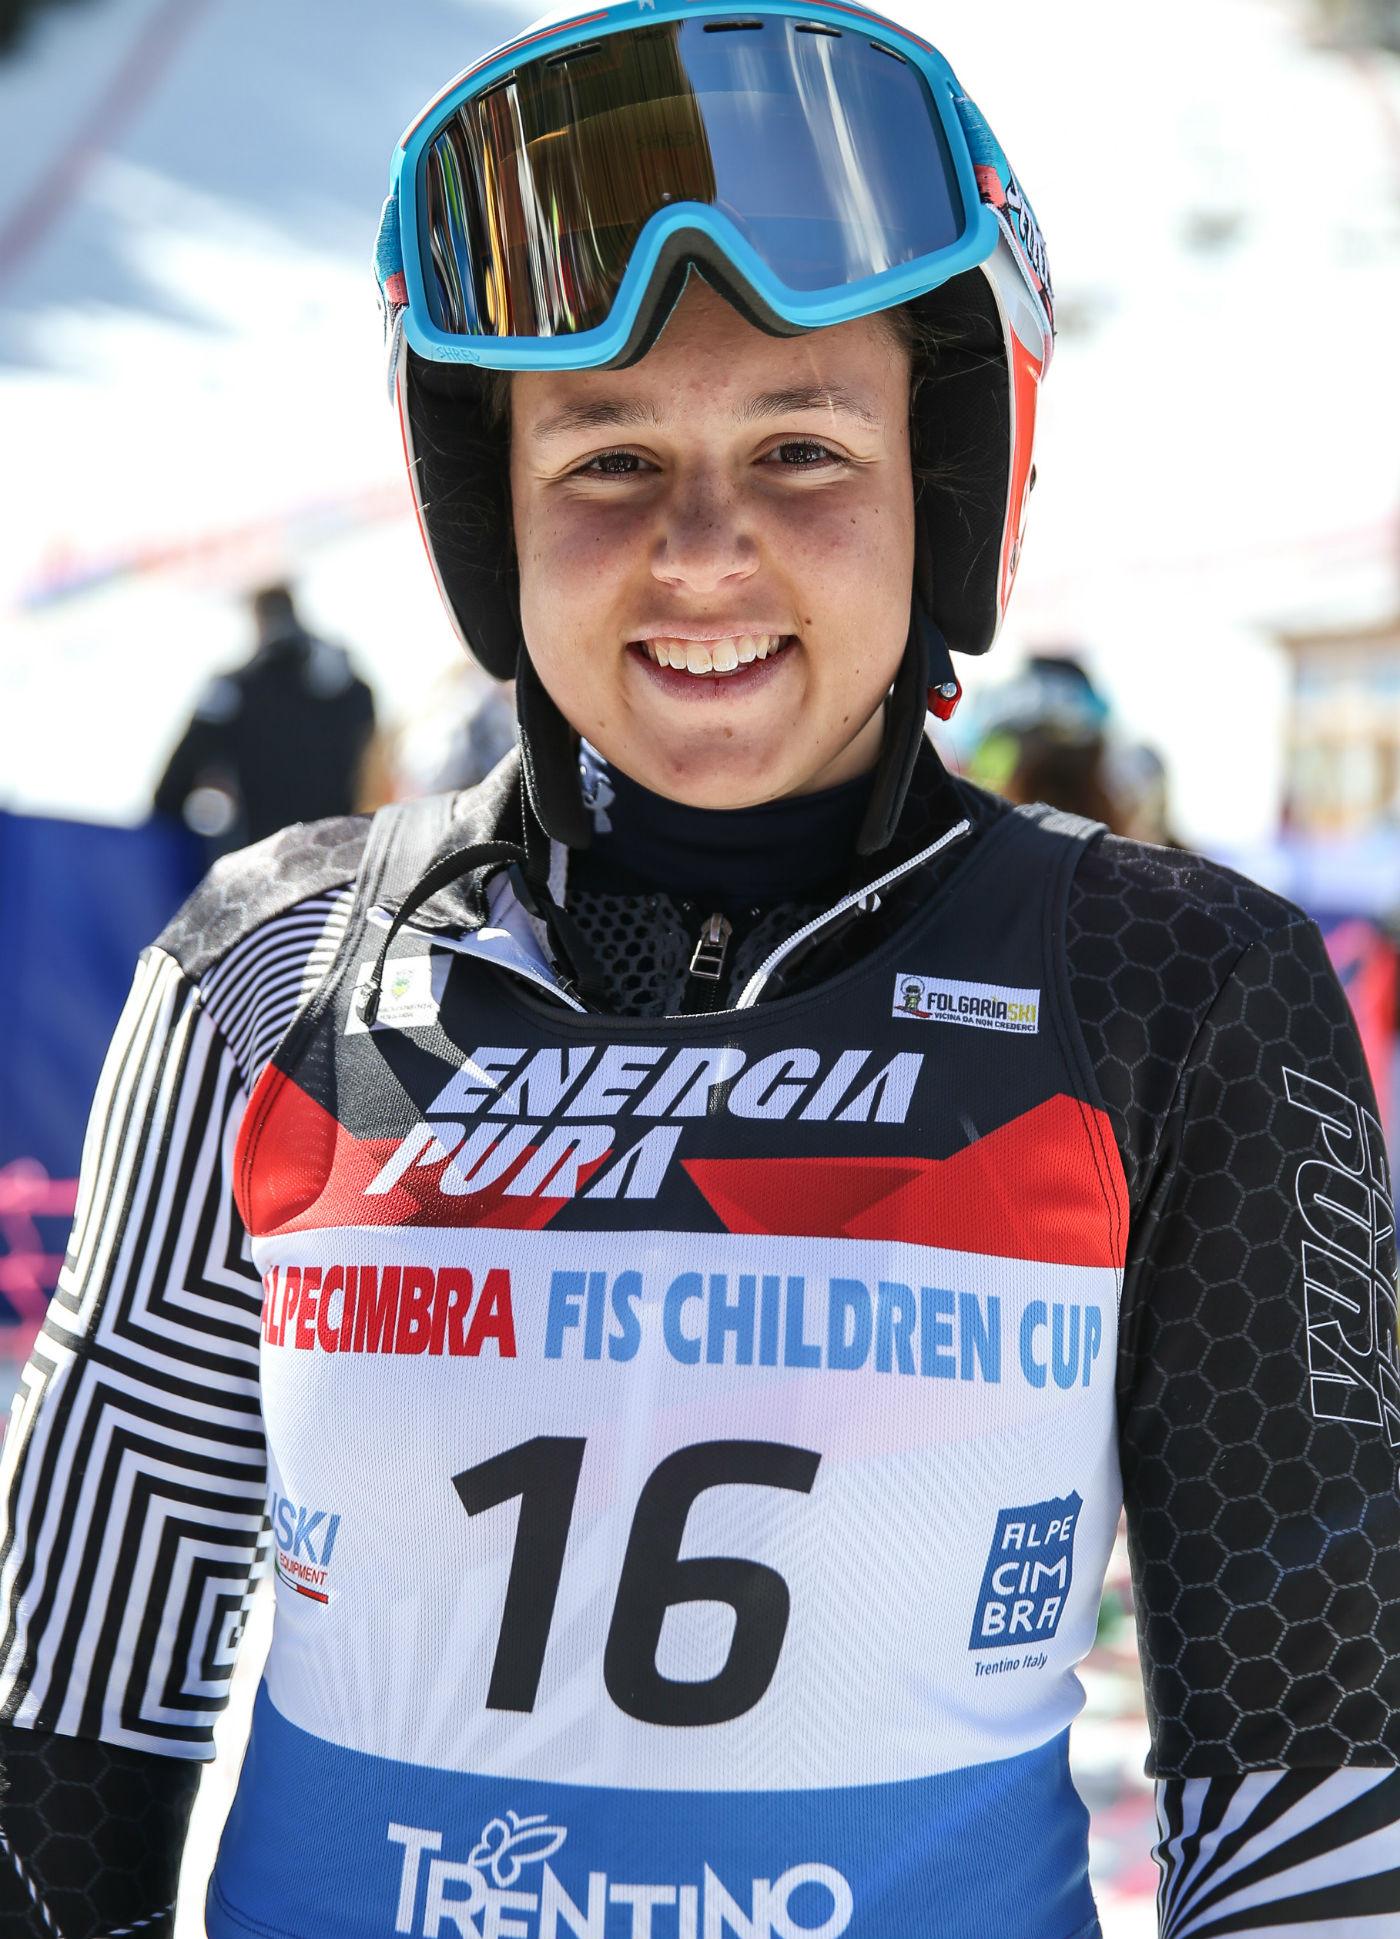 Benedetta Giordani